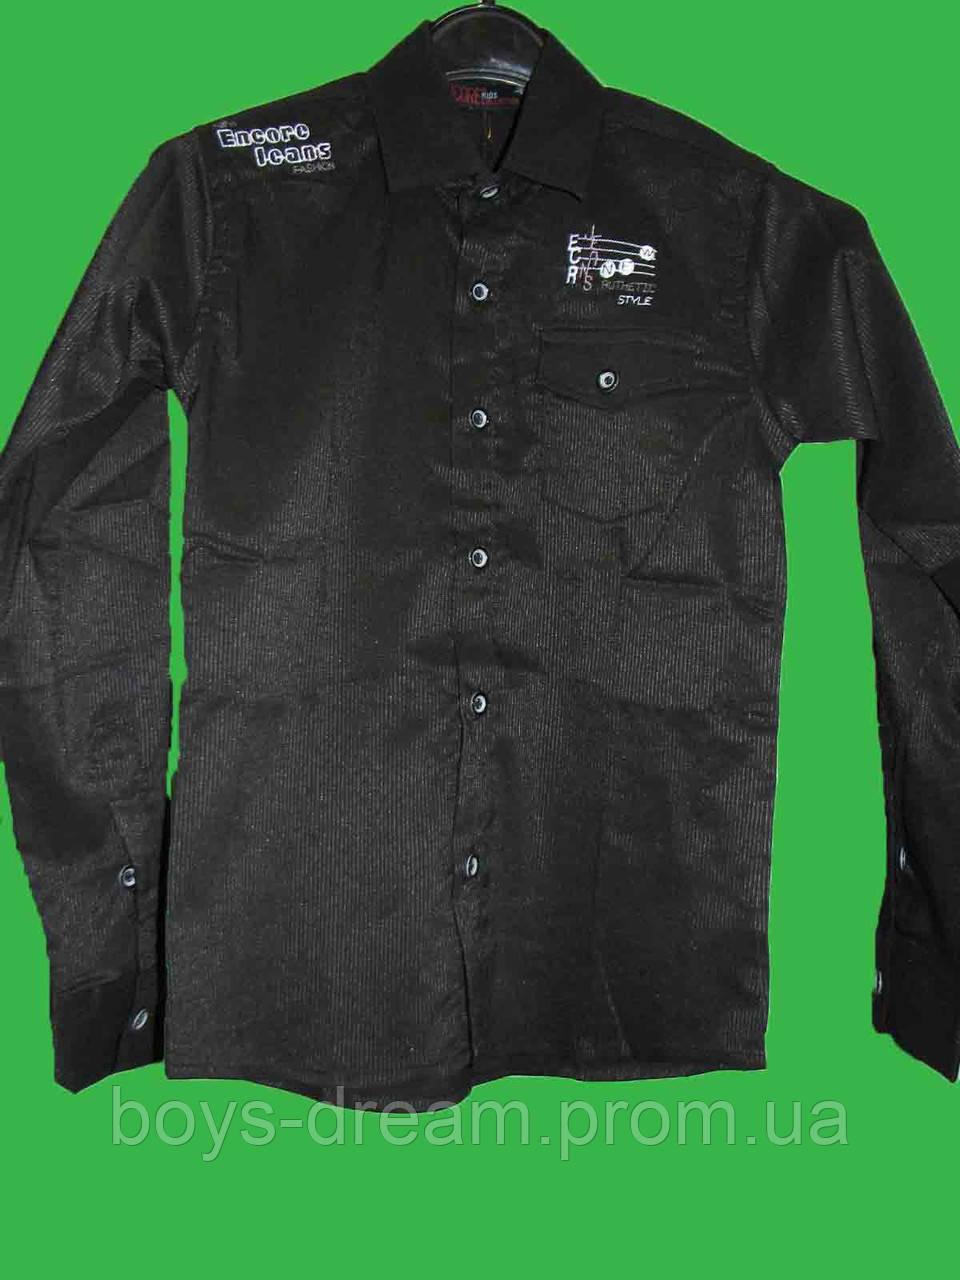 Рубашка для мальчика 122 - 152 Турция